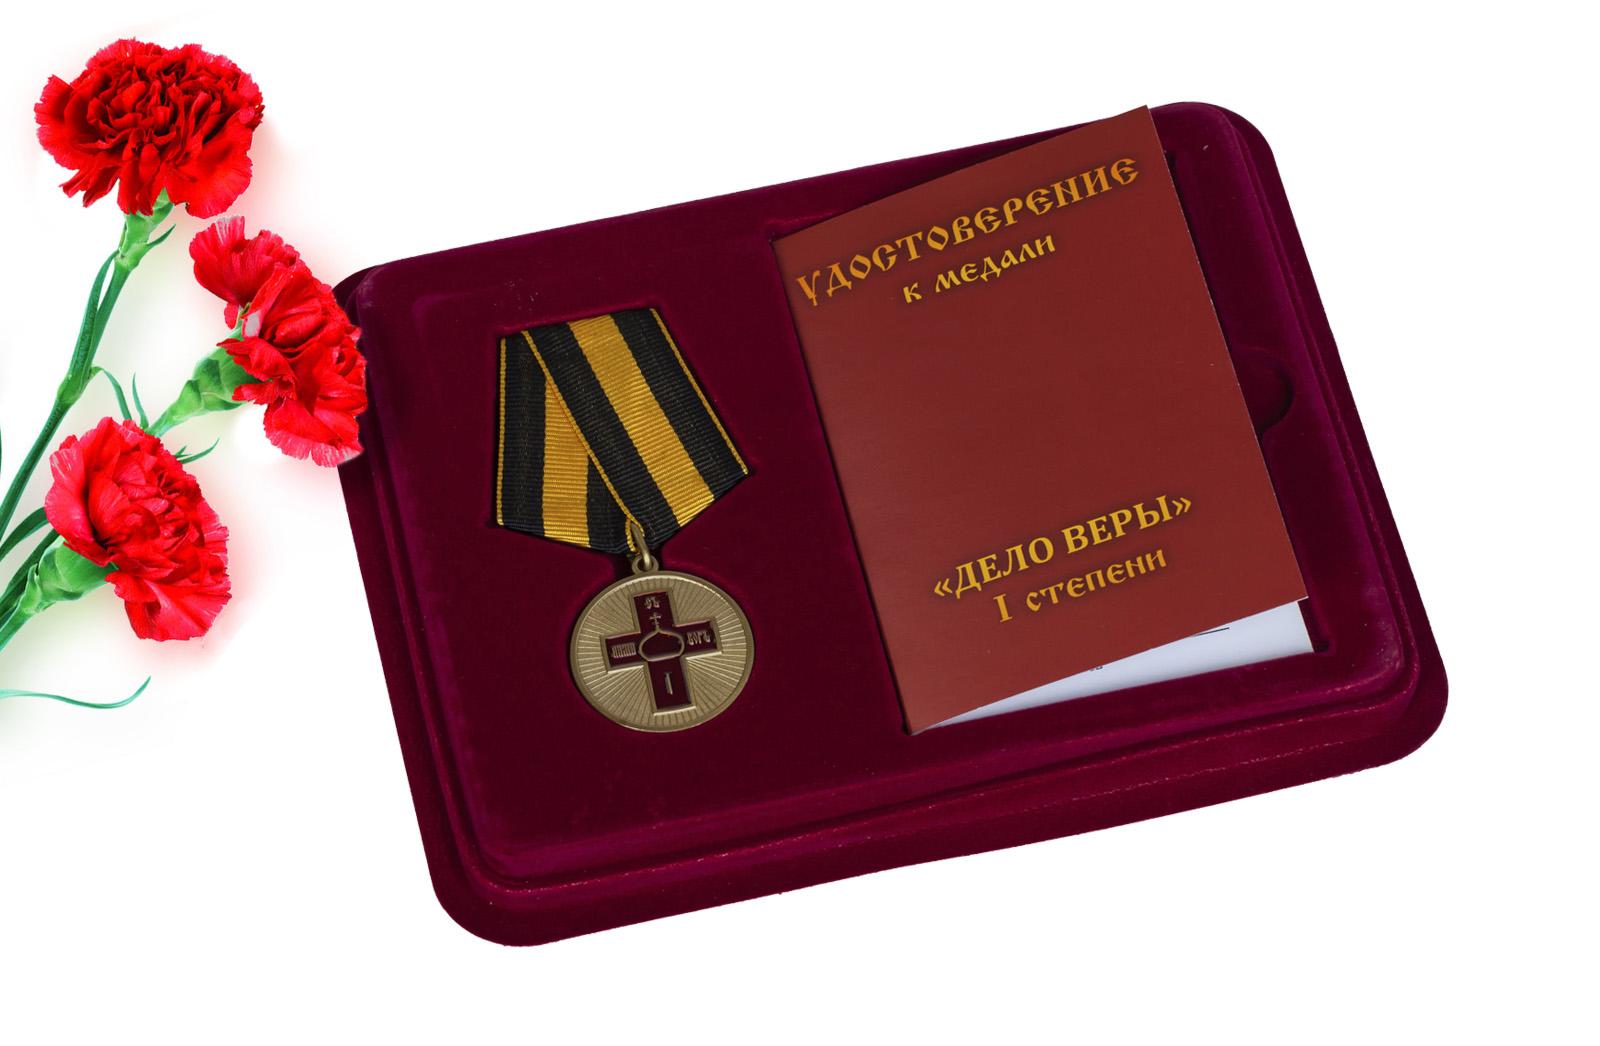 Купить медаль Дело Веры 1 степени оптом или в розницу